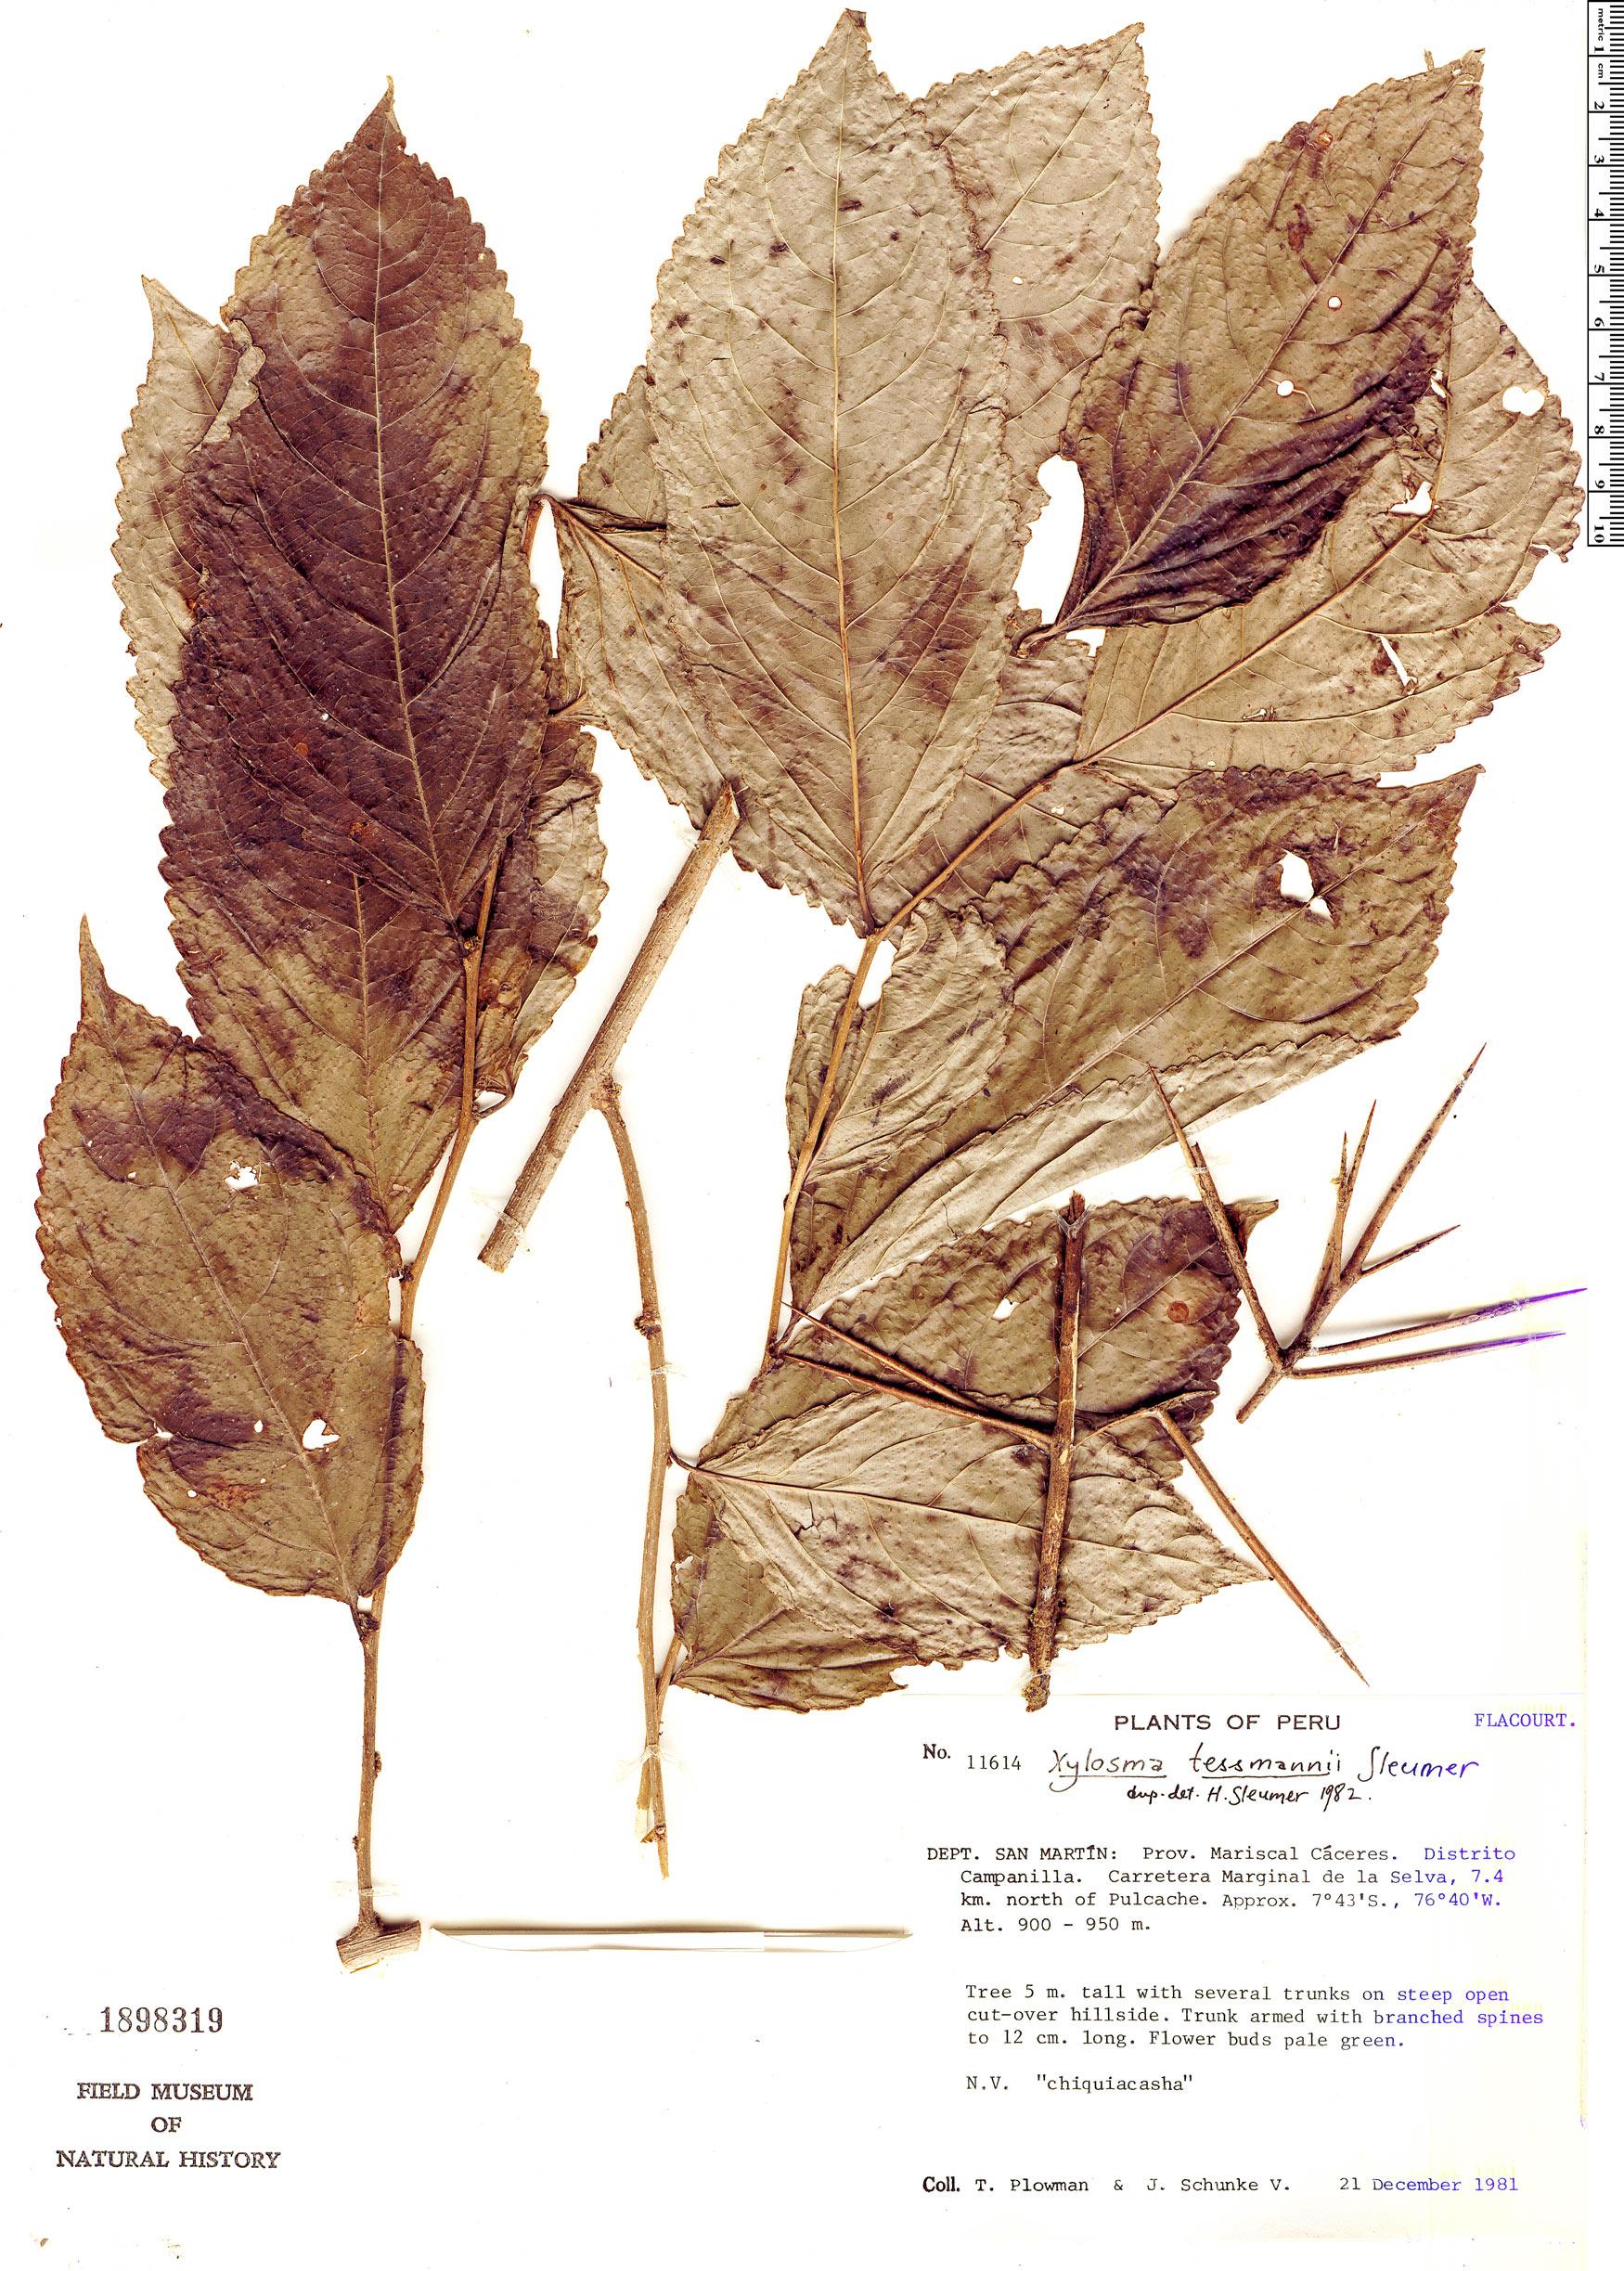 Specimen: Xylosma tessmannii